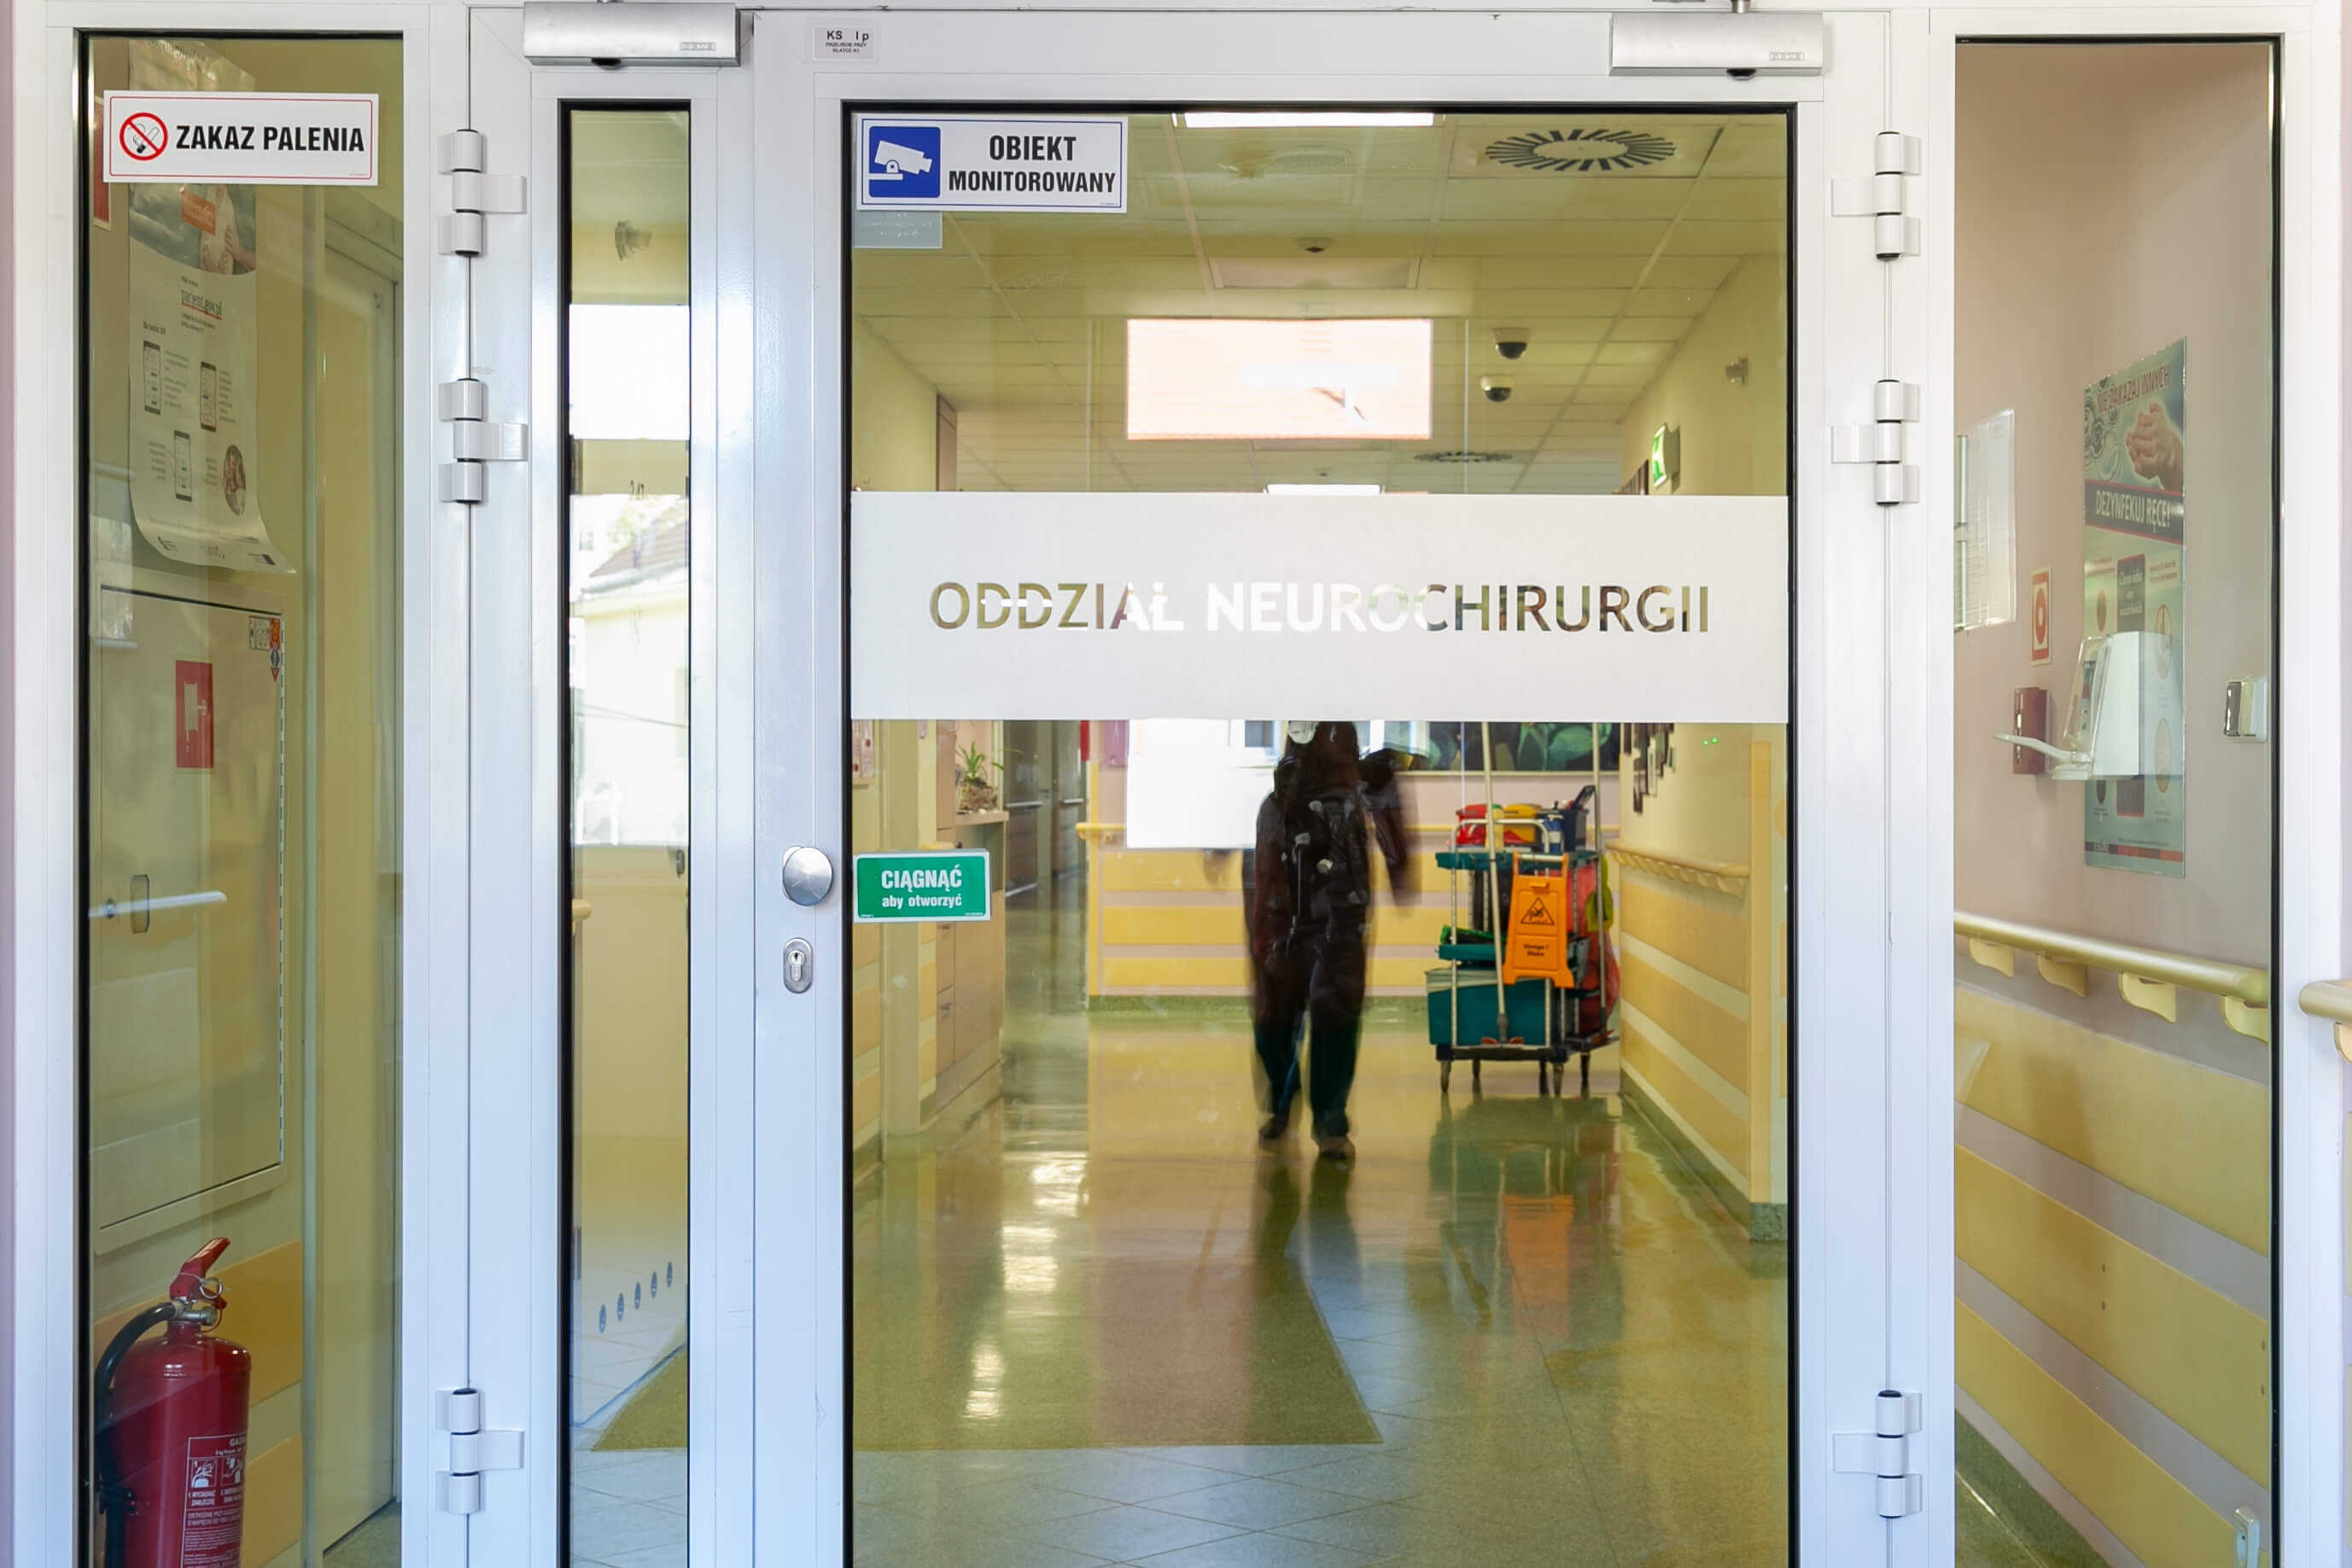 Copernikus 16 - Podmiot leczniczy Copernicus – od nowoczesnej neurochirurgii, ortopedii po laseroterapię